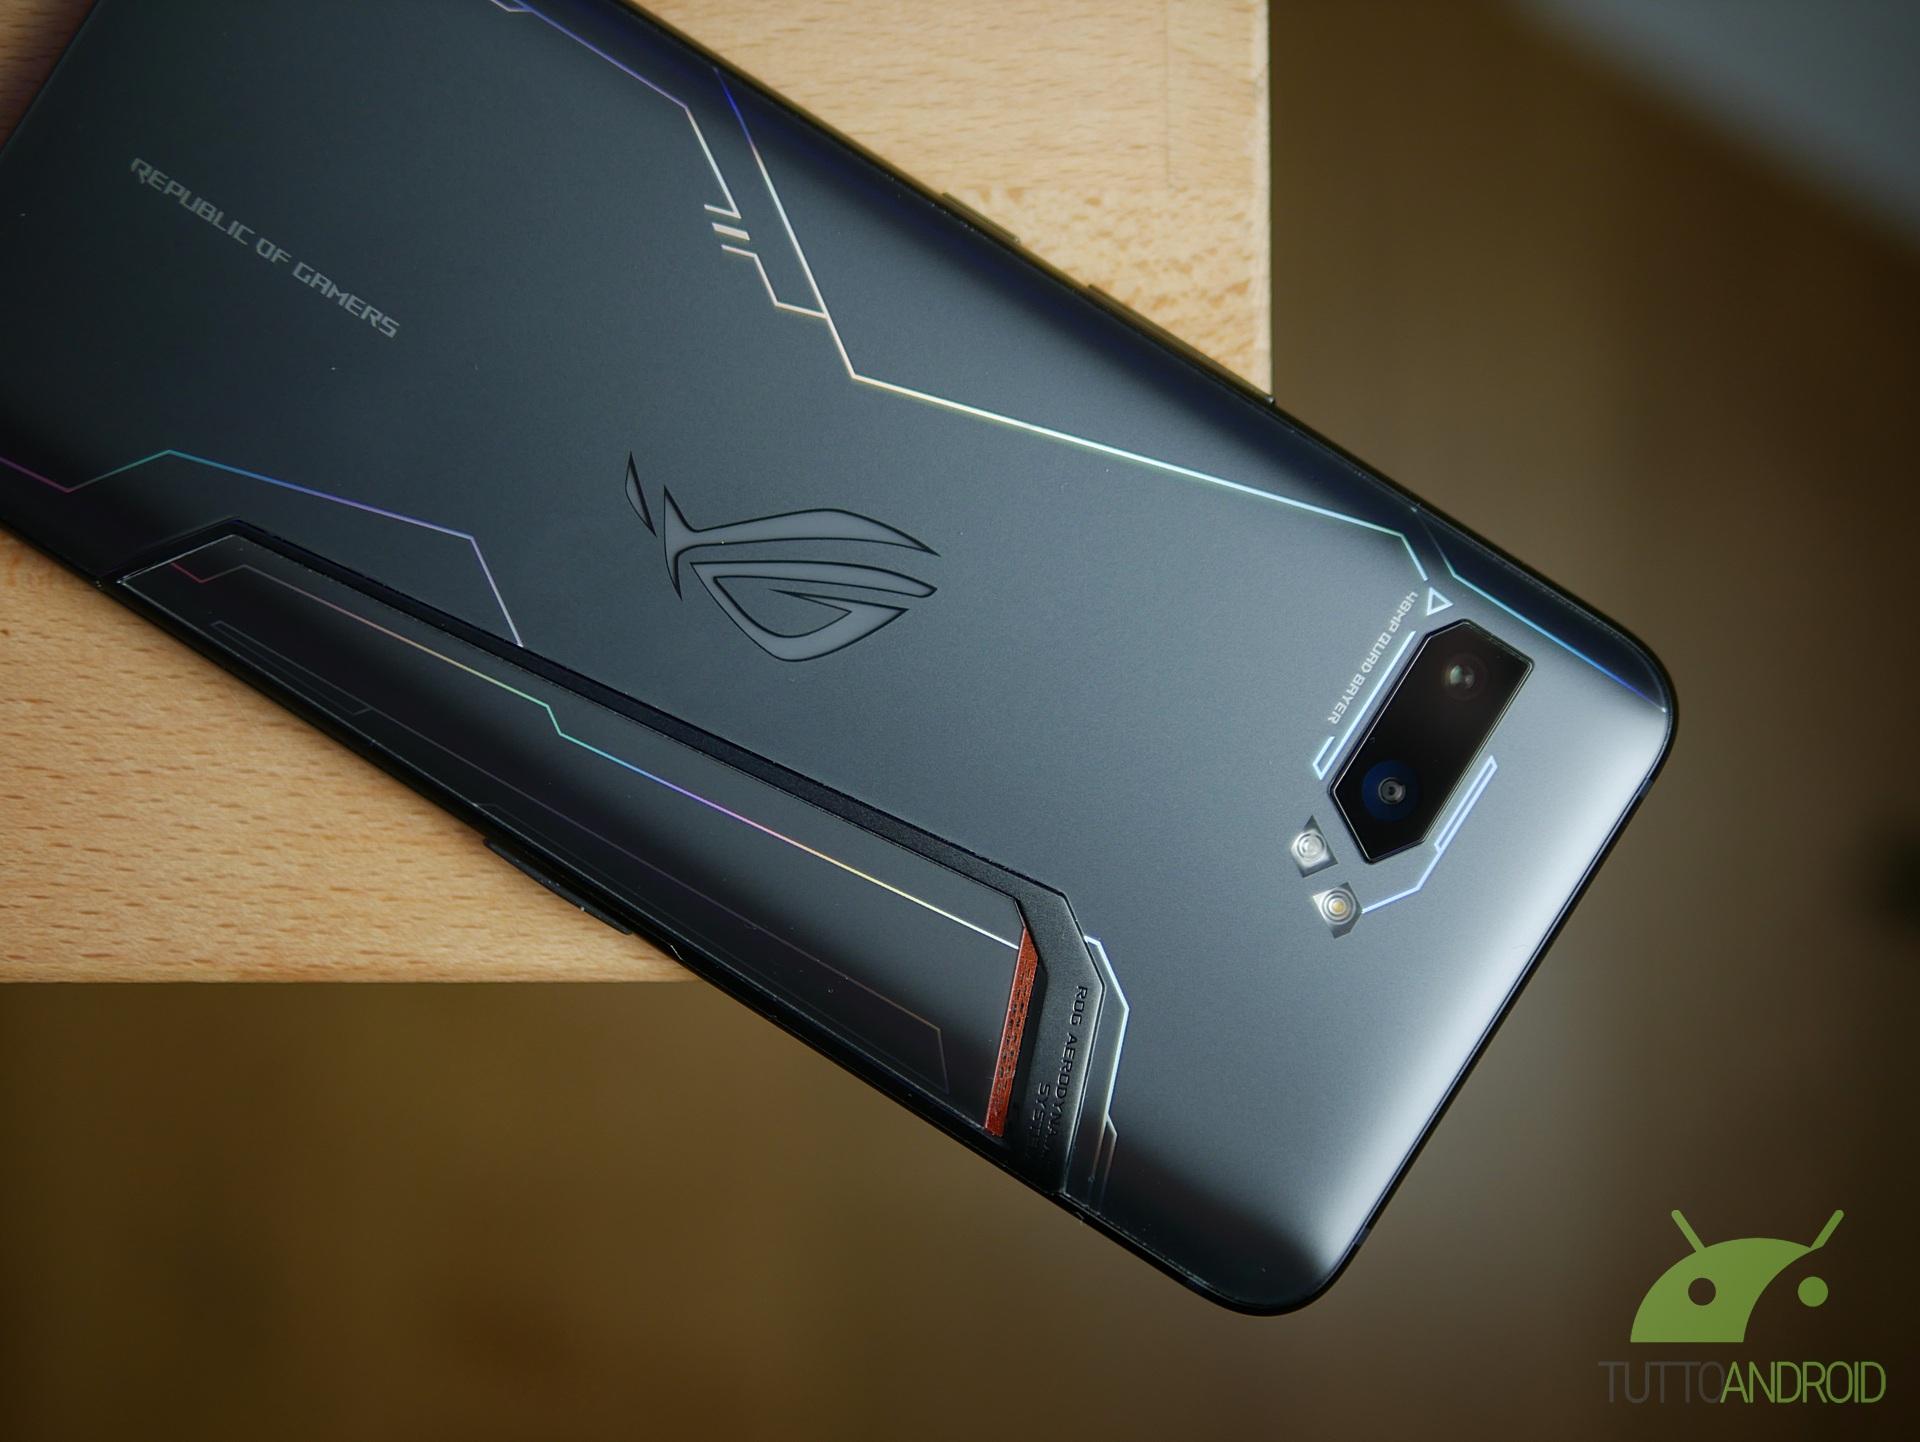 LineageOS aggiunge il supporto per Asus ROG Phone 2 e altri smartphone